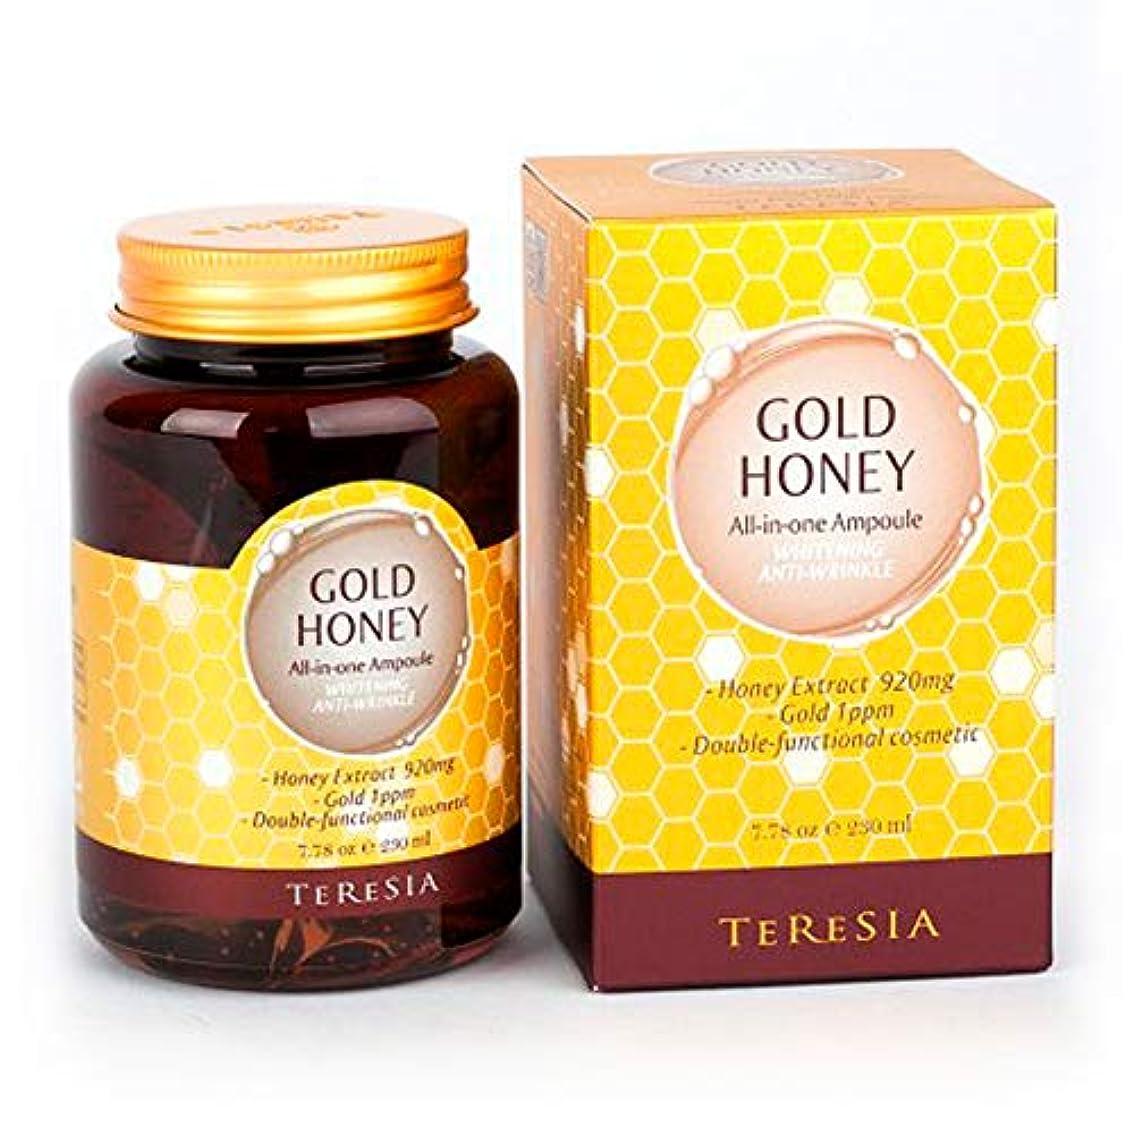 構築するプラカードプラカード[(テルシア)TERESIA] テルシア·ゴールドハニー大容量 230ml オールインワン·アンプル シワ,美白二重機能性化粧品